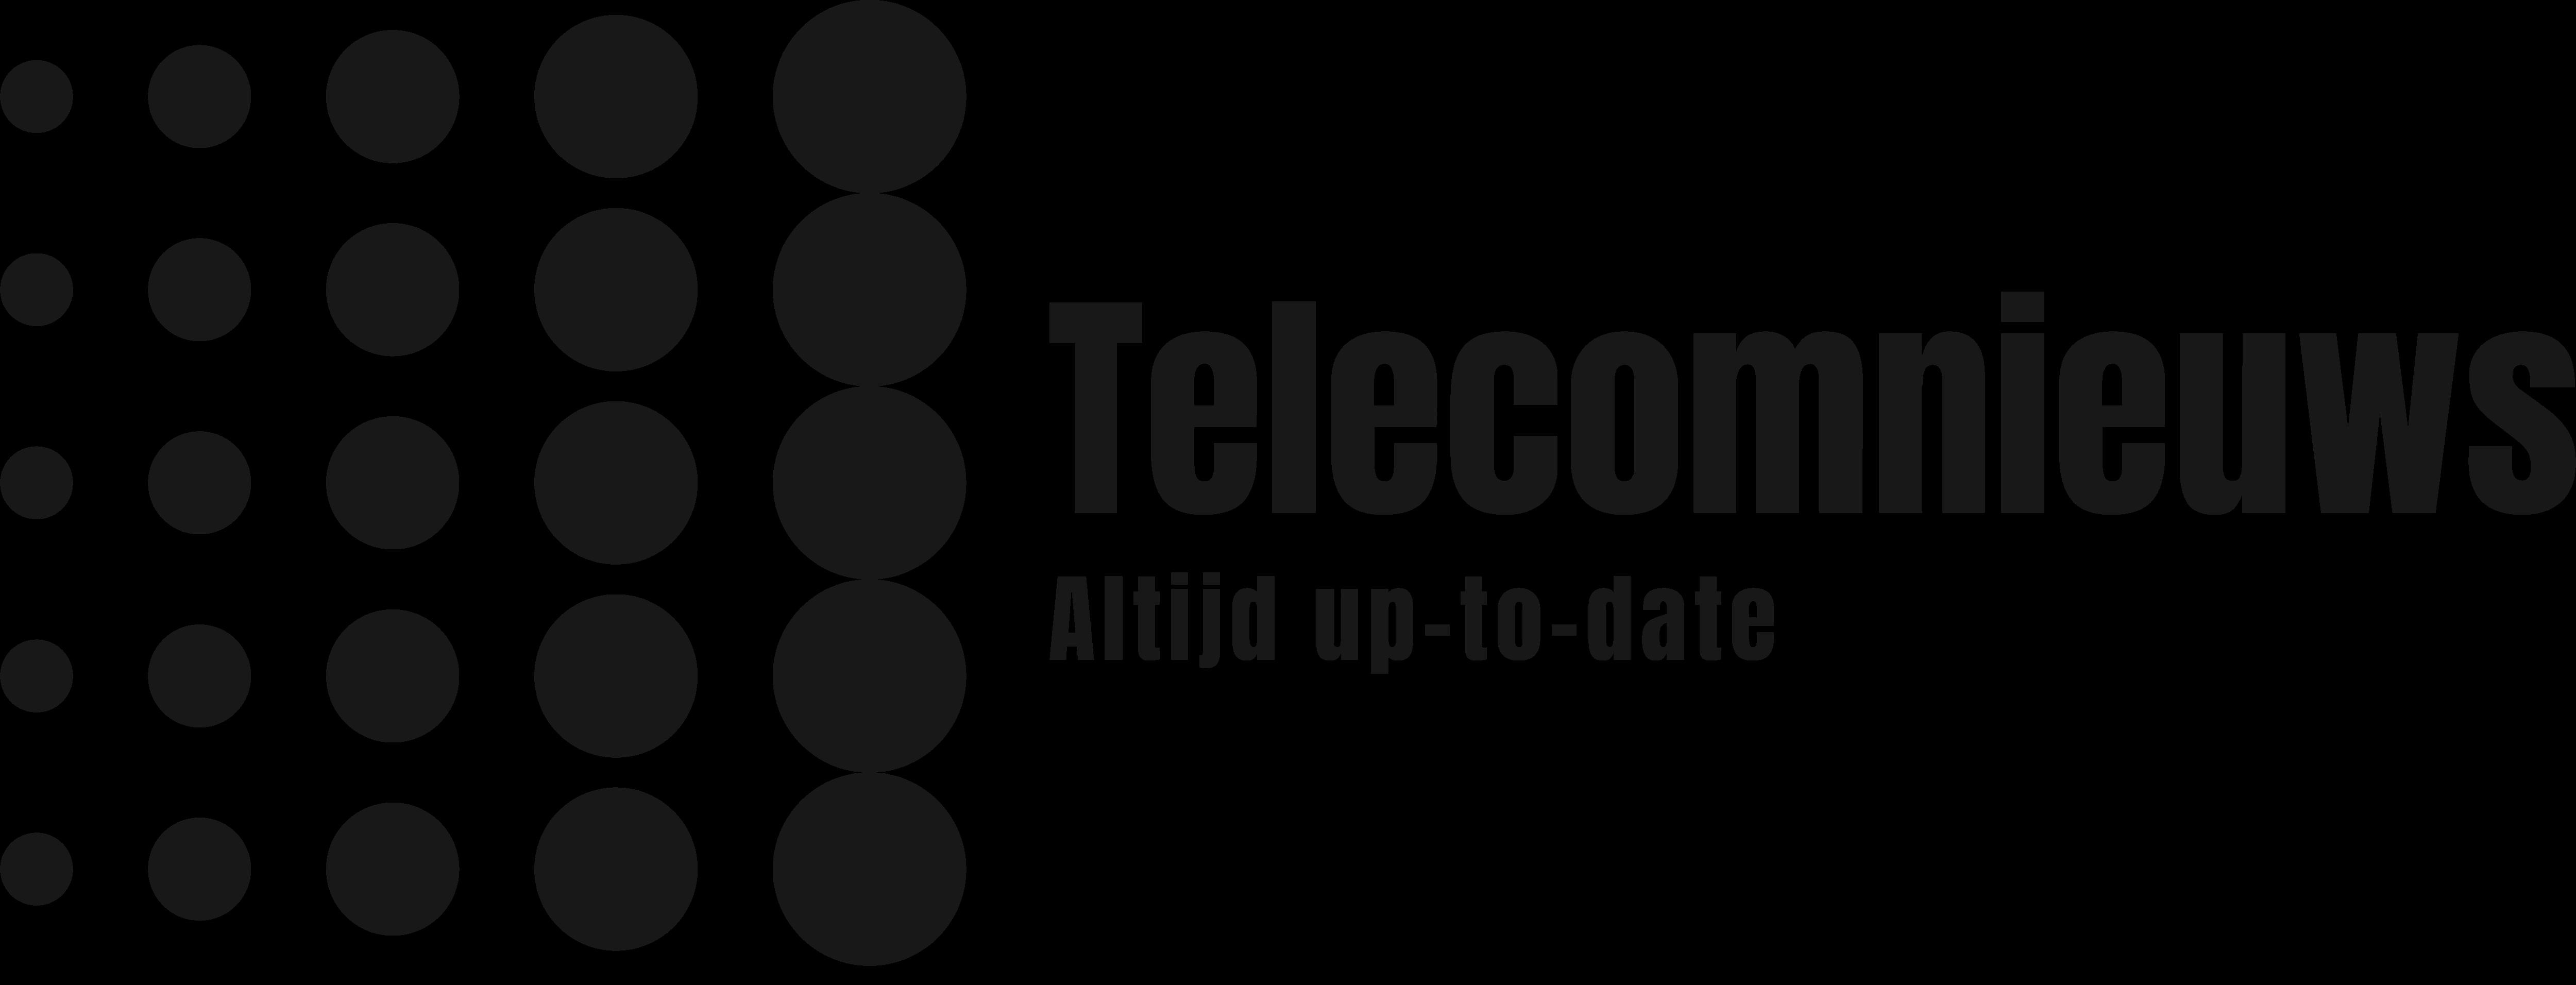 Telecomnieuws.online